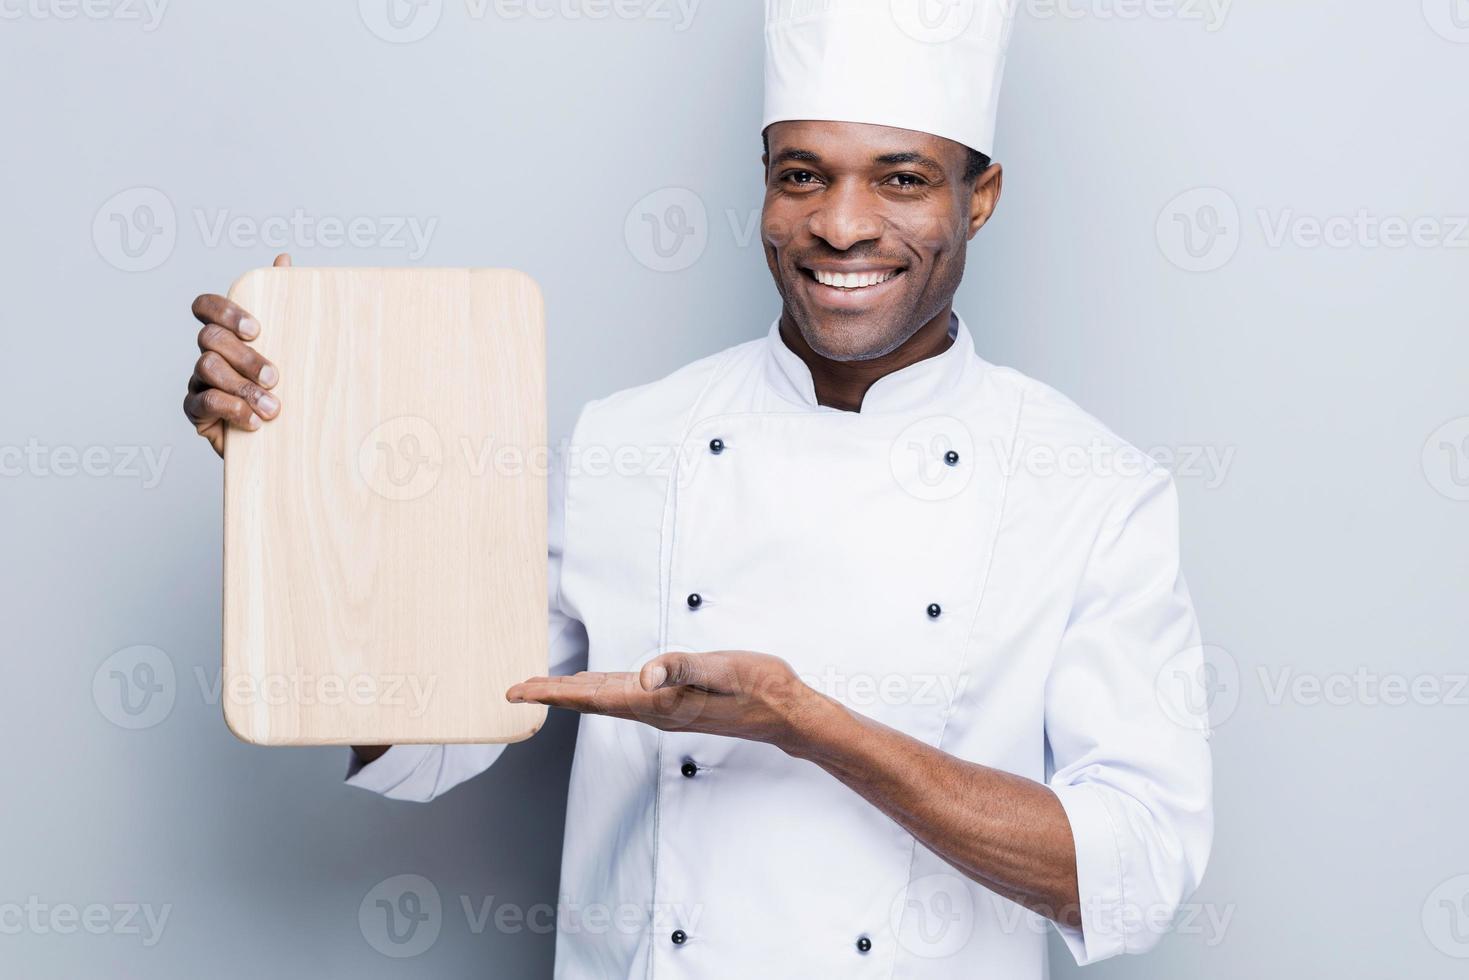 specialerbjudande från kocken. foto